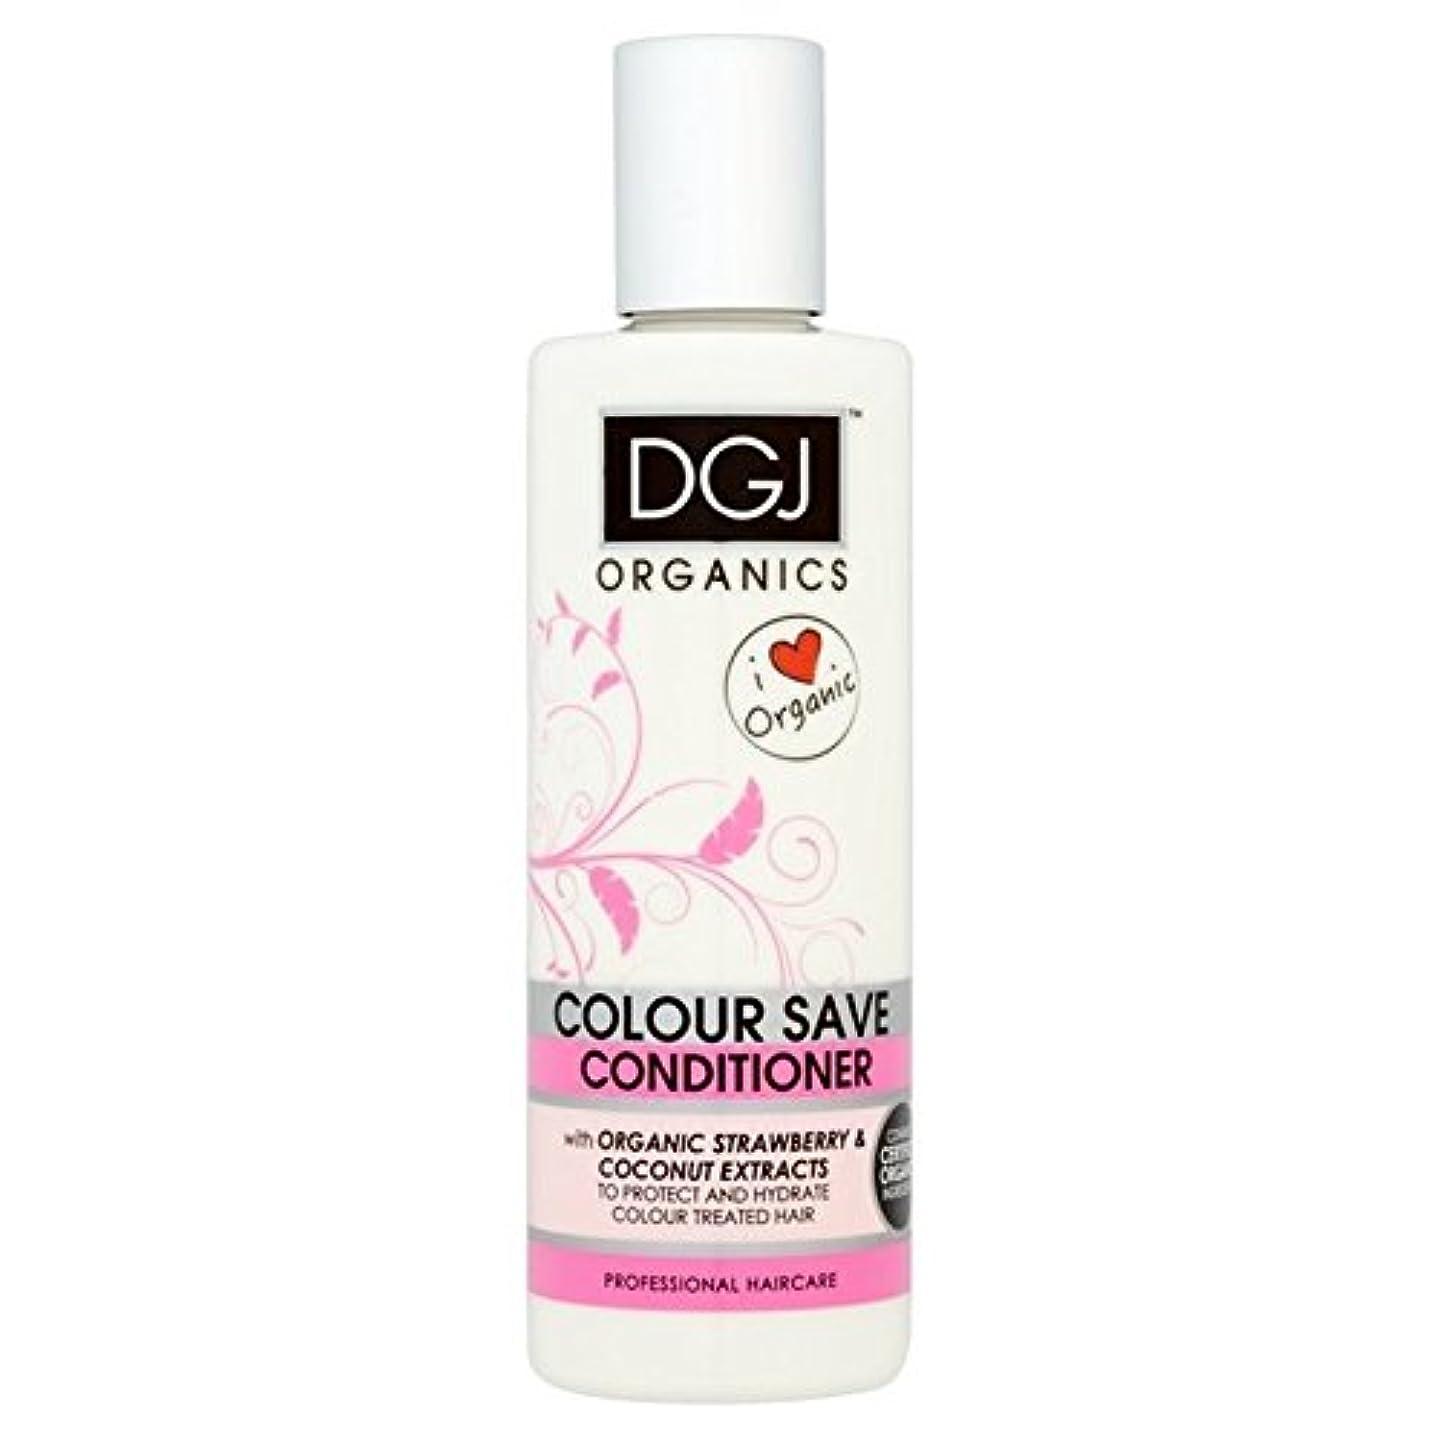 旅行伝説保険をかける有機物の色コンディショナー250を保存 x4 - DGJ Organics Colour Save Conditioner 250ml (Pack of 4) [並行輸入品]